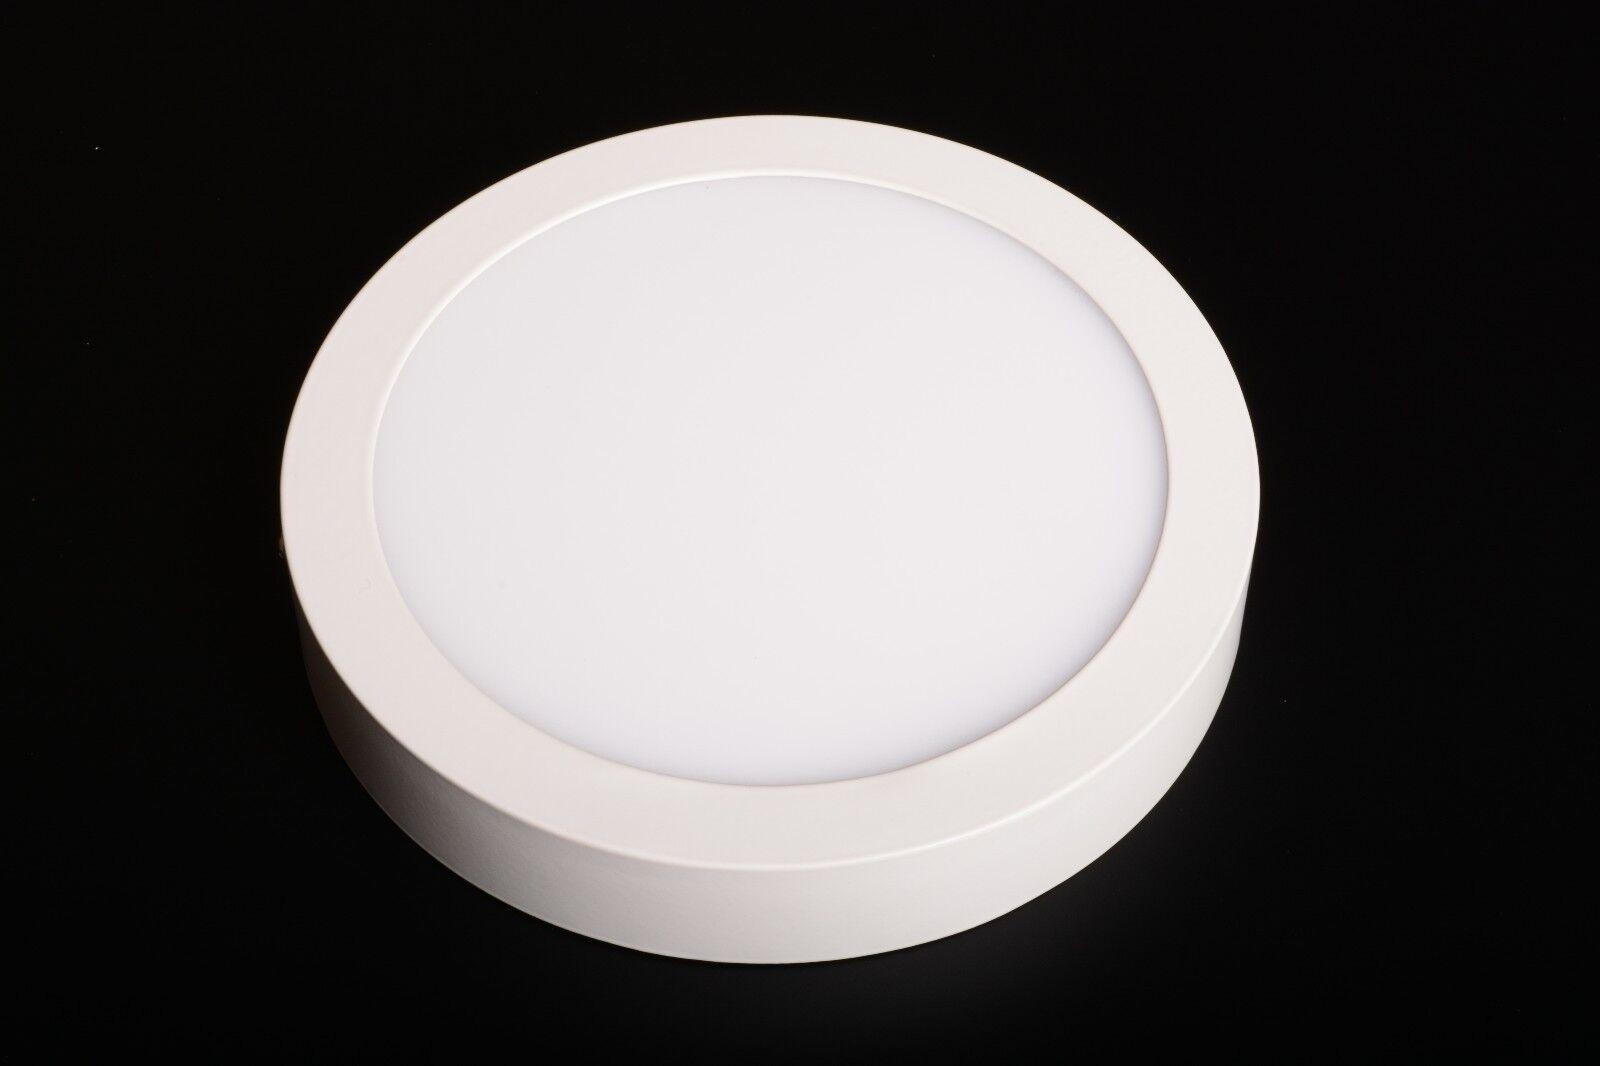 Faretti Led Da Soffitto : Faretto led da soffitto parete plafoniera w rotondo mm bianco